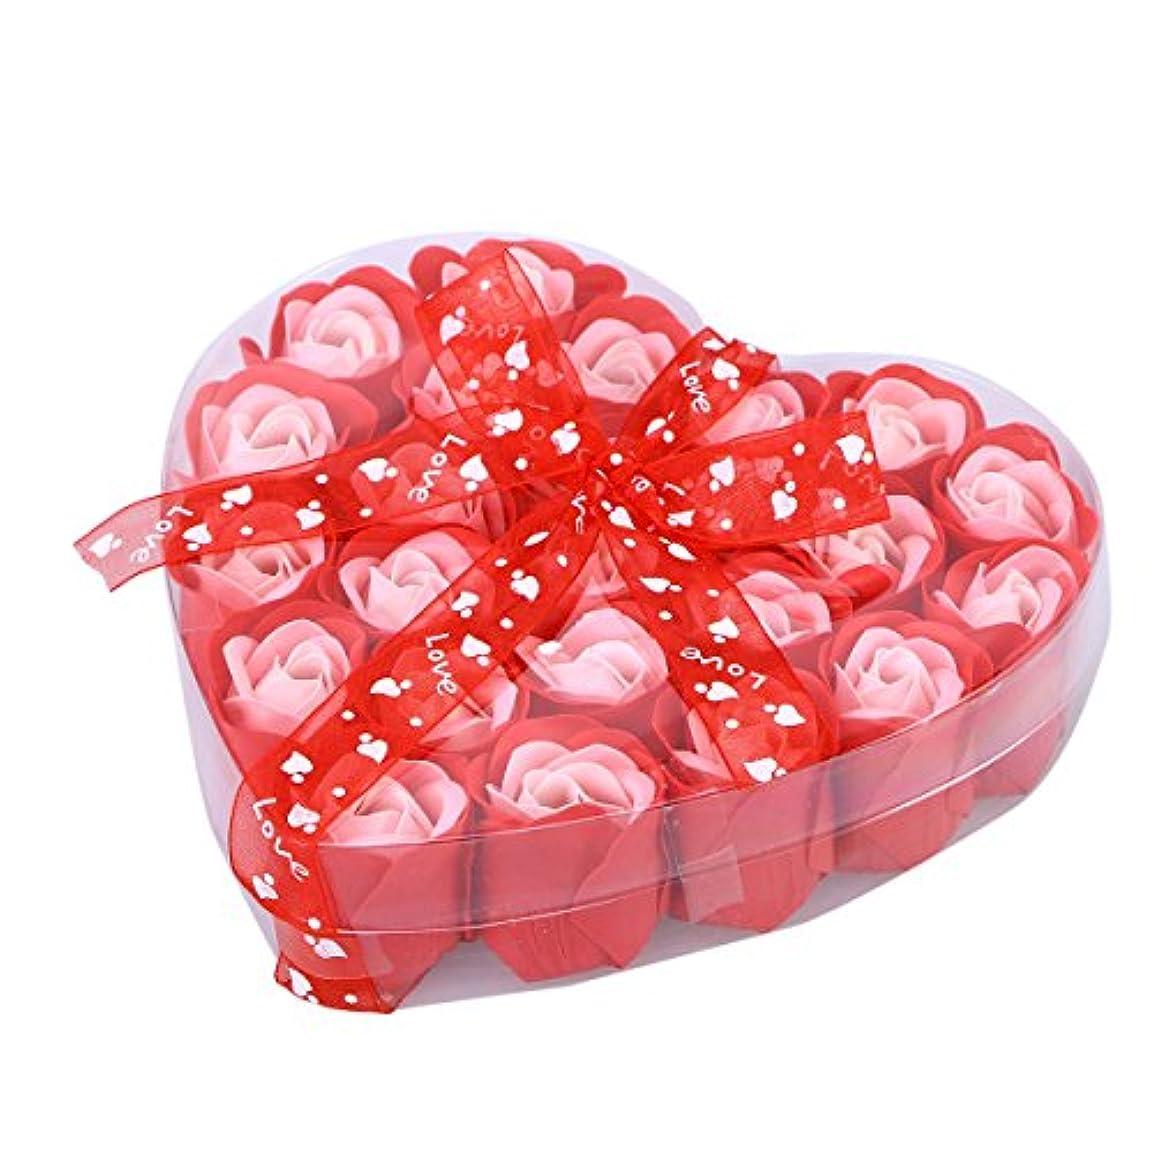 それら寝室を掃除する険しいHealifty バレンタインデーのハートボックスに香りの石鹸バラの花びら(ランダムリボン)24個